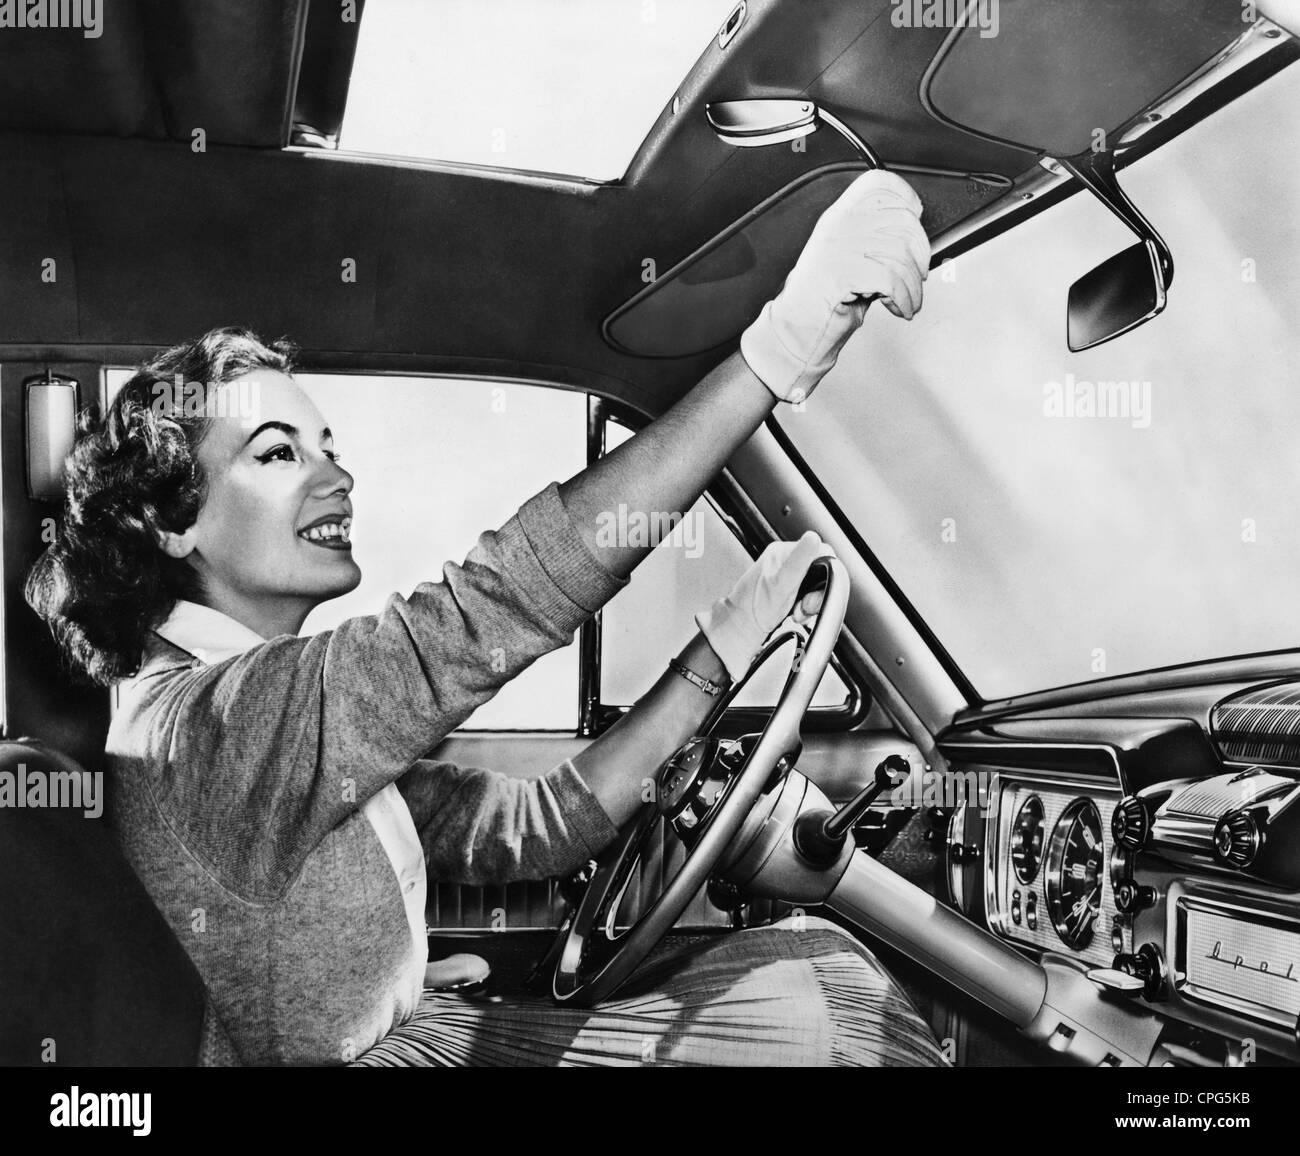 Trasporti / trasporto auto, dettaglio, di sole sul tetto, donna è l'apertura del tetto di una Opel, 1950s, Immagini Stock